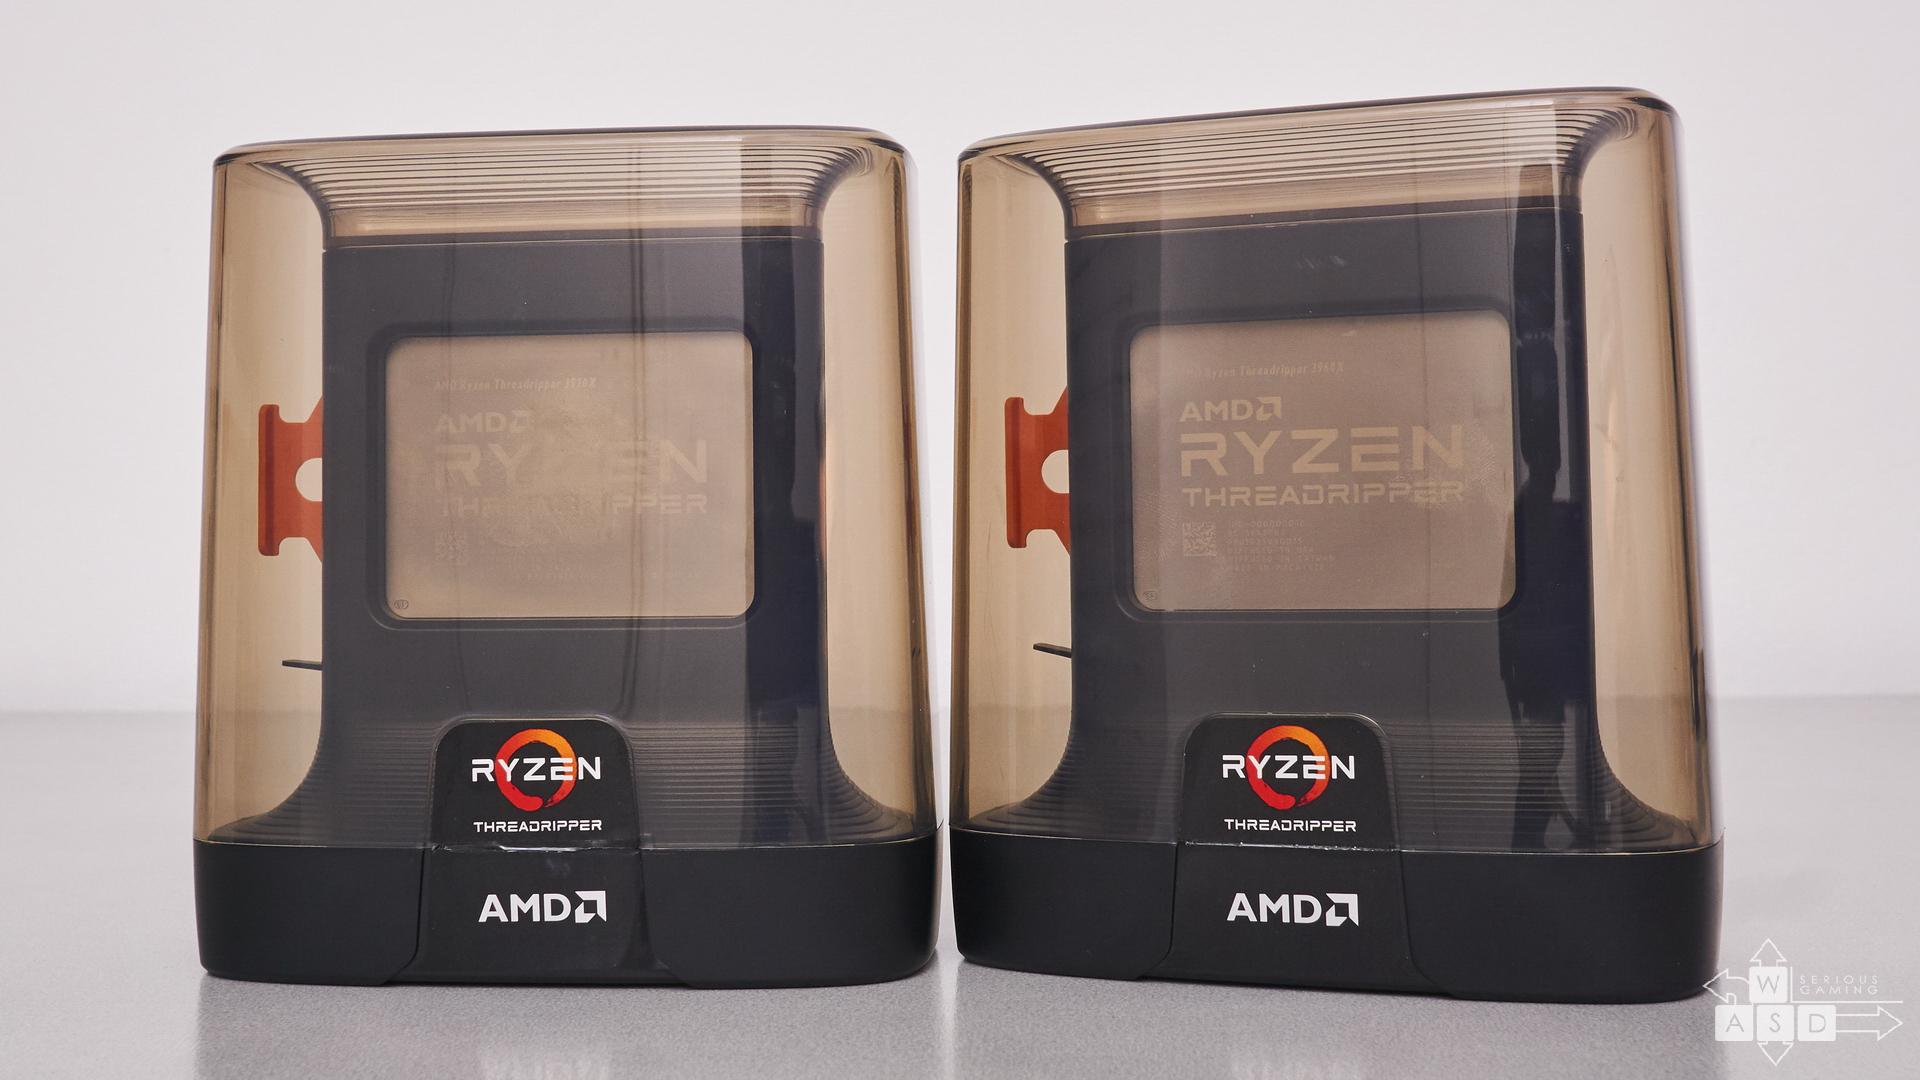 AMD Ryzen Threadripper 3960X and 3970X review | WASD